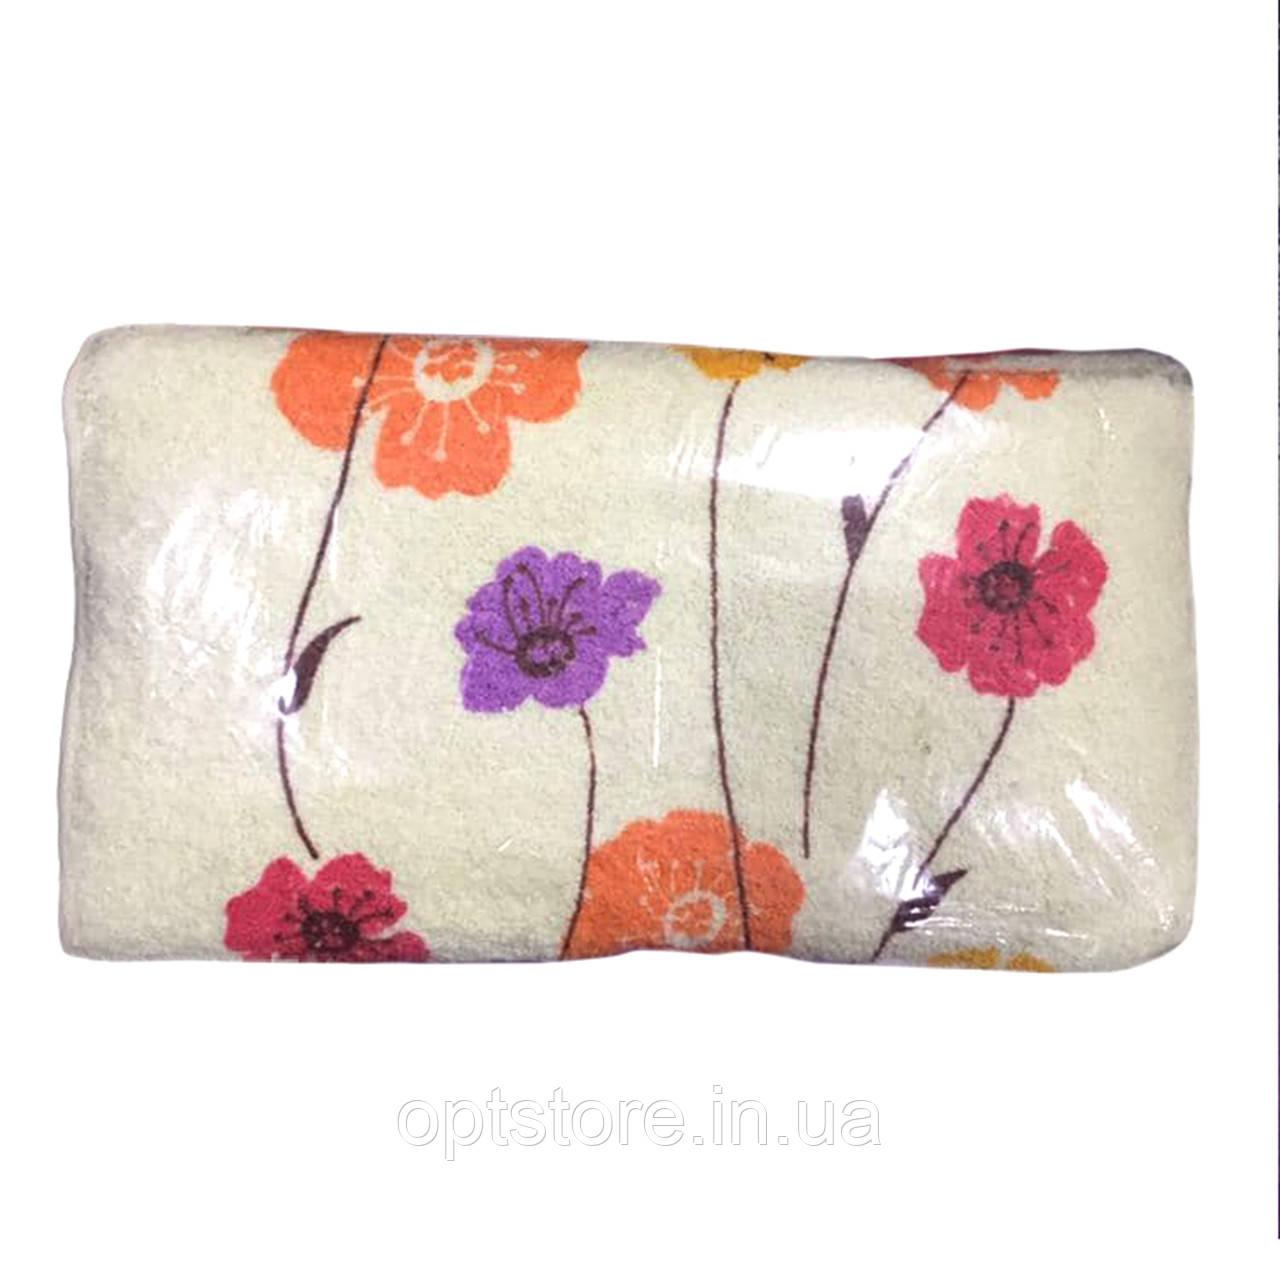 Полотенце кухонное с цветочками 35*70 см, ткань махра